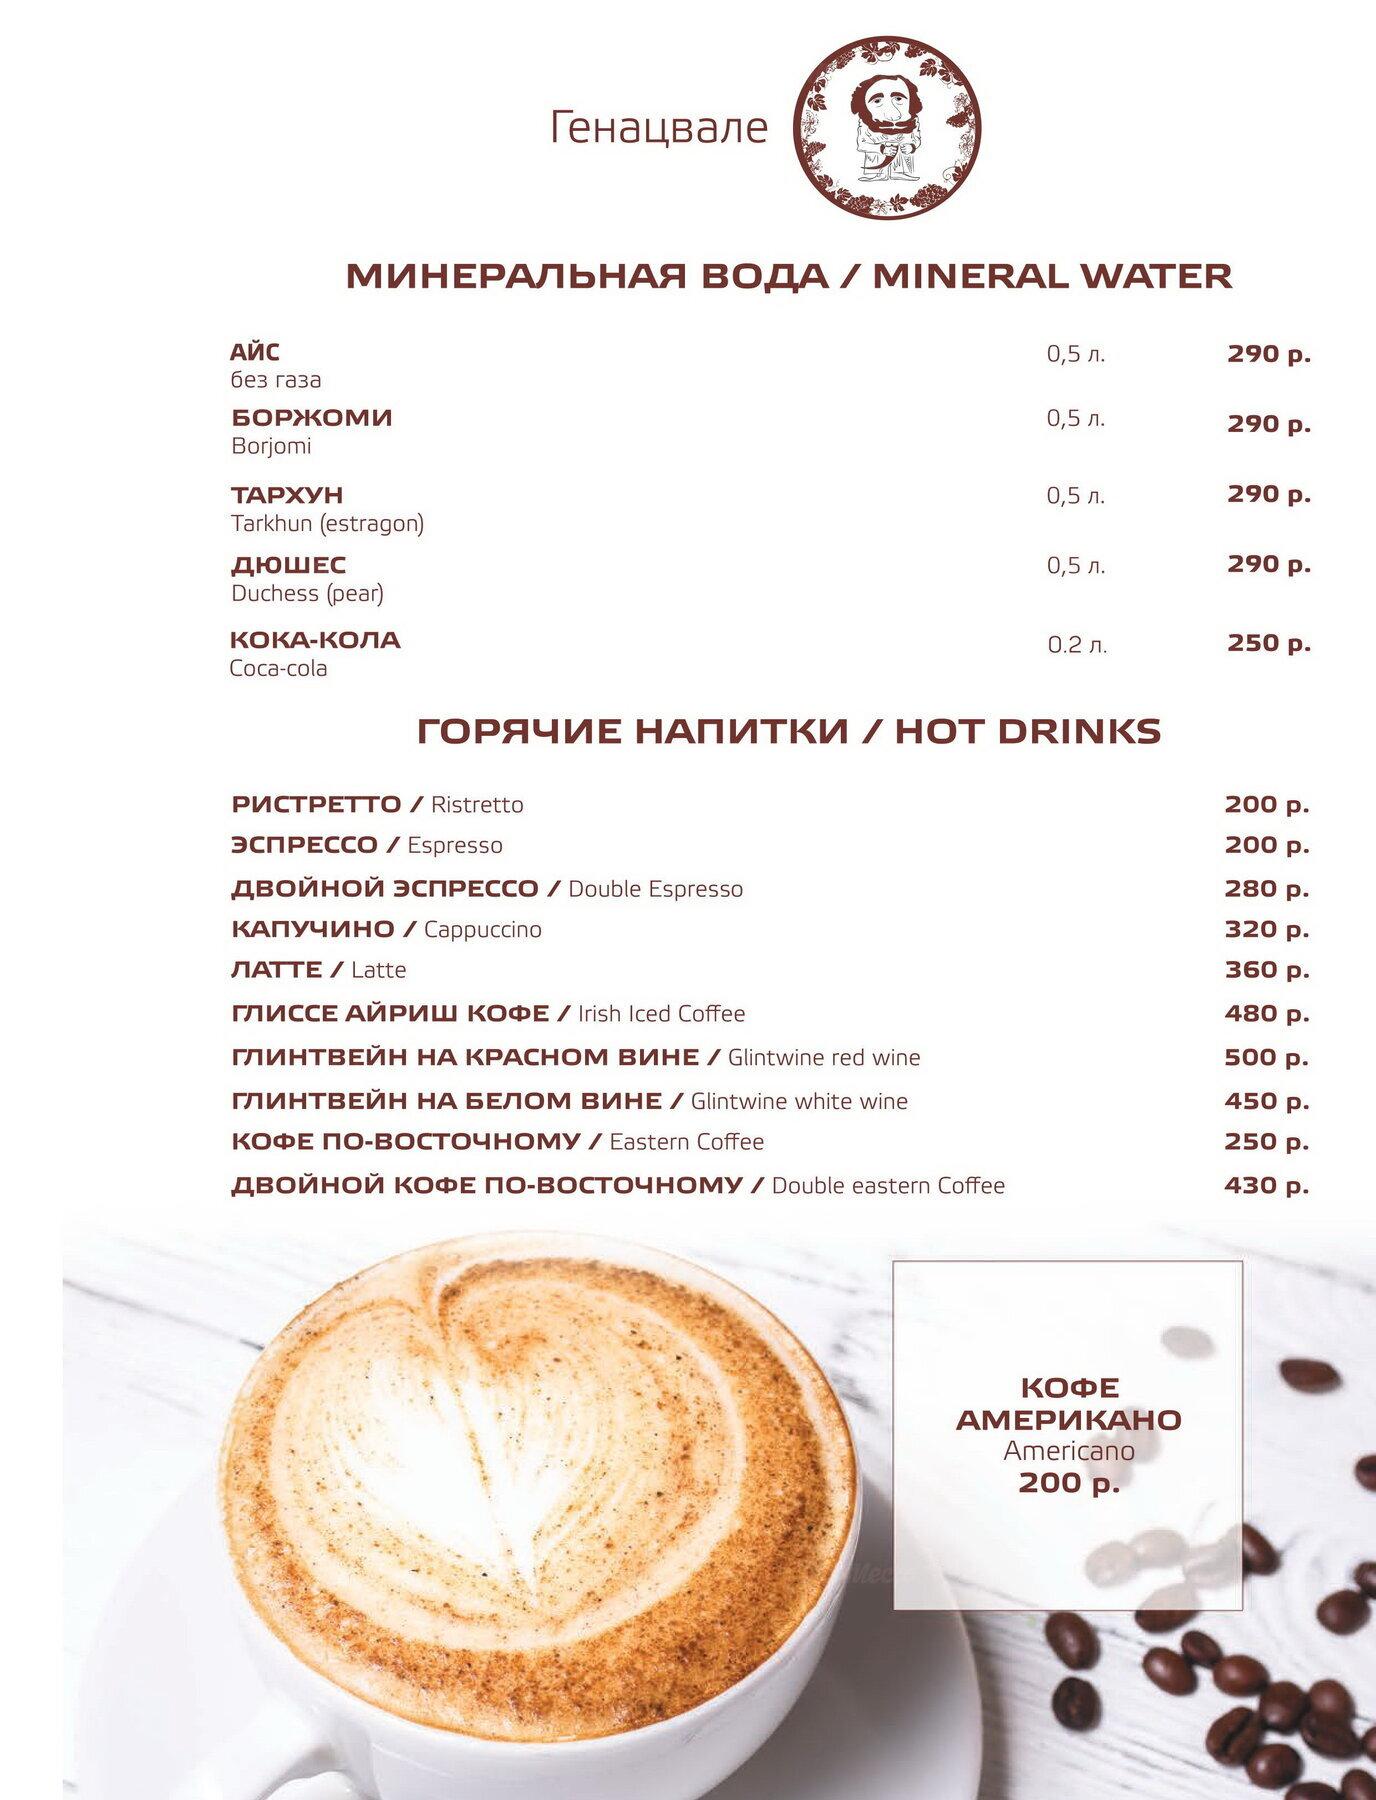 Меню ресторана Генацвале VIP на улице Остоженка фото 30